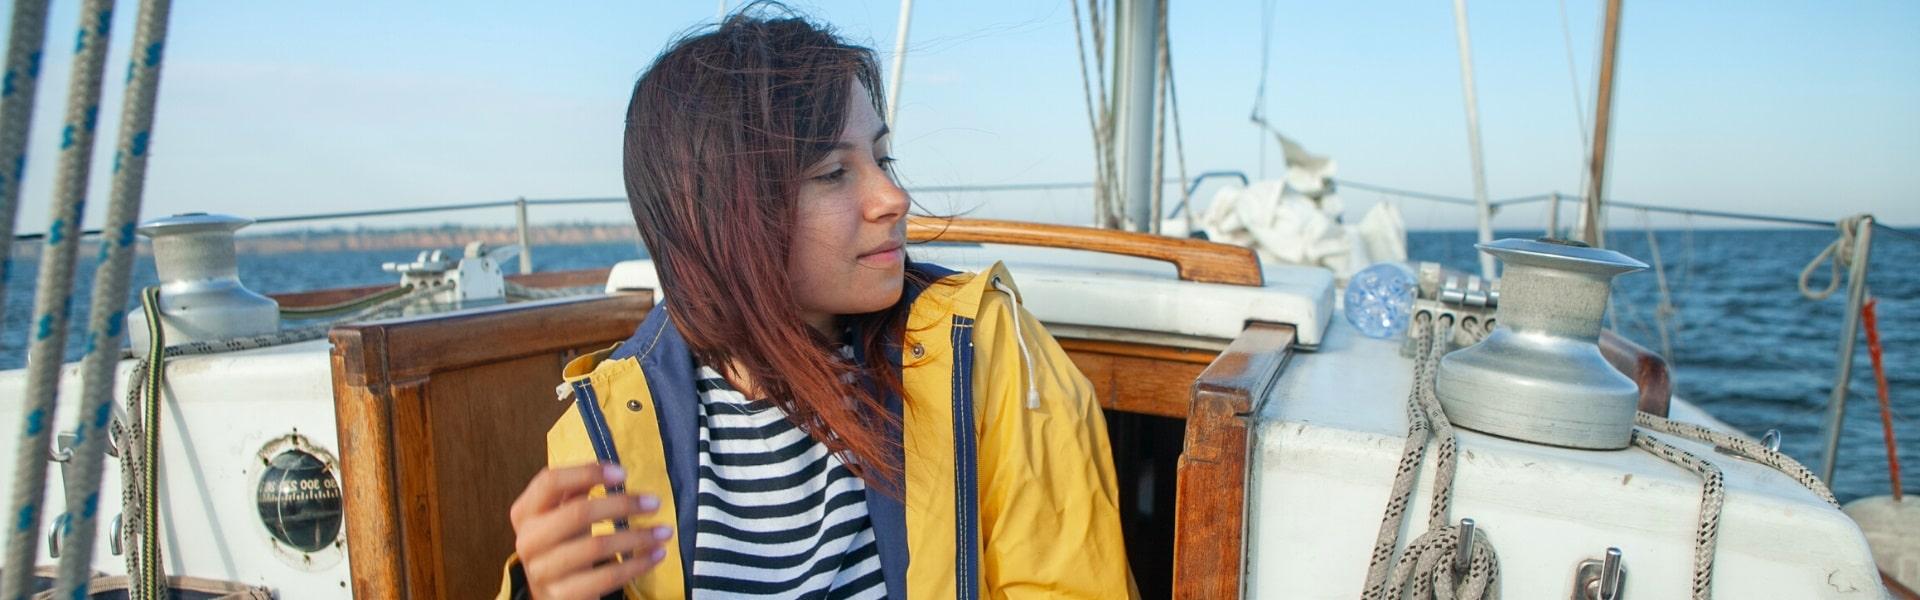 Аренда яхты «Принцесса» в Херсоне